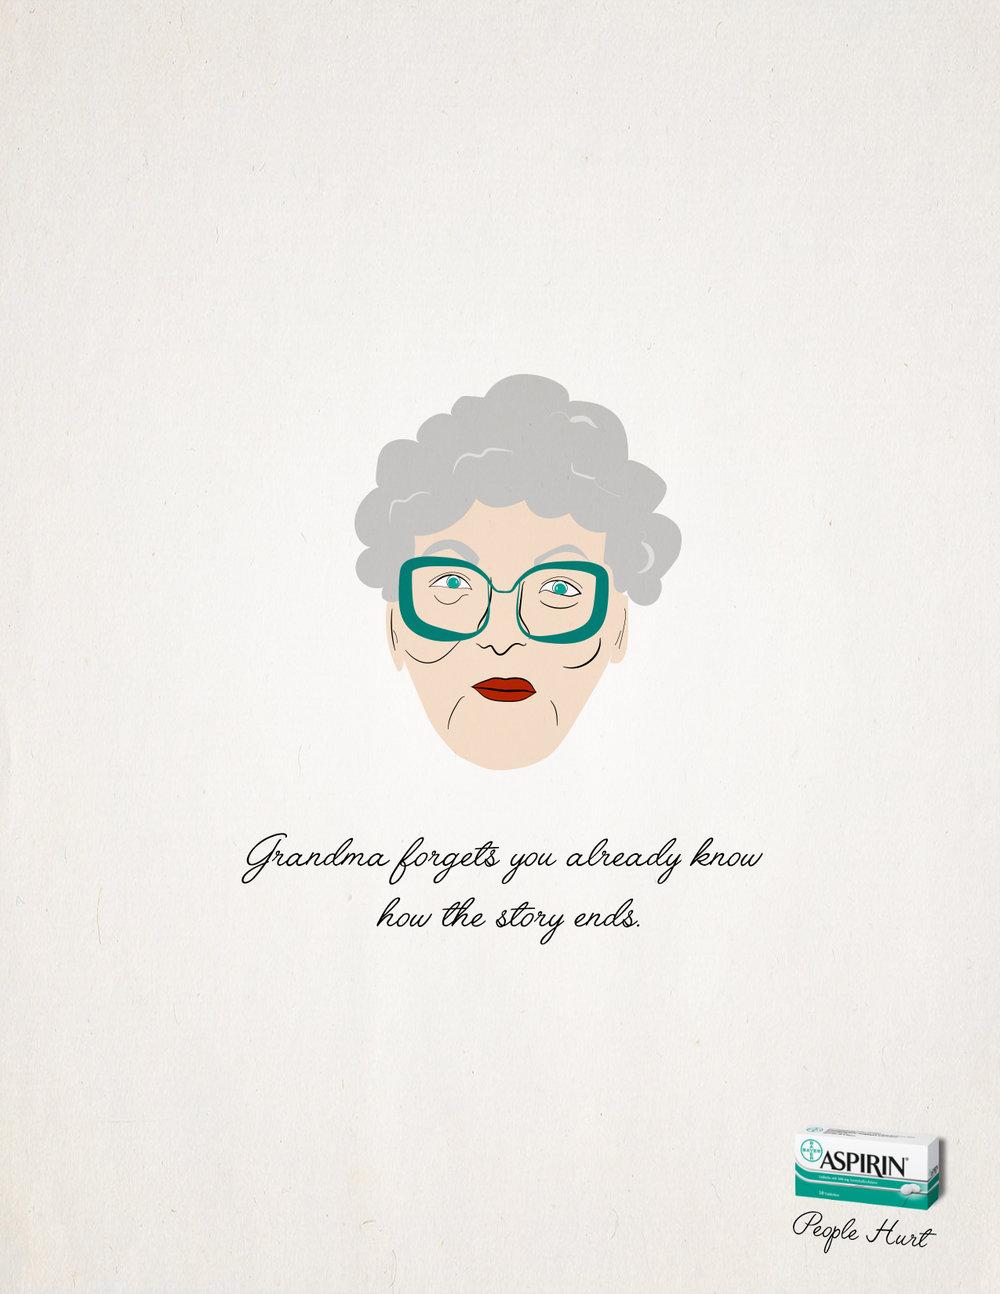 Grandma_aspirin.jpg